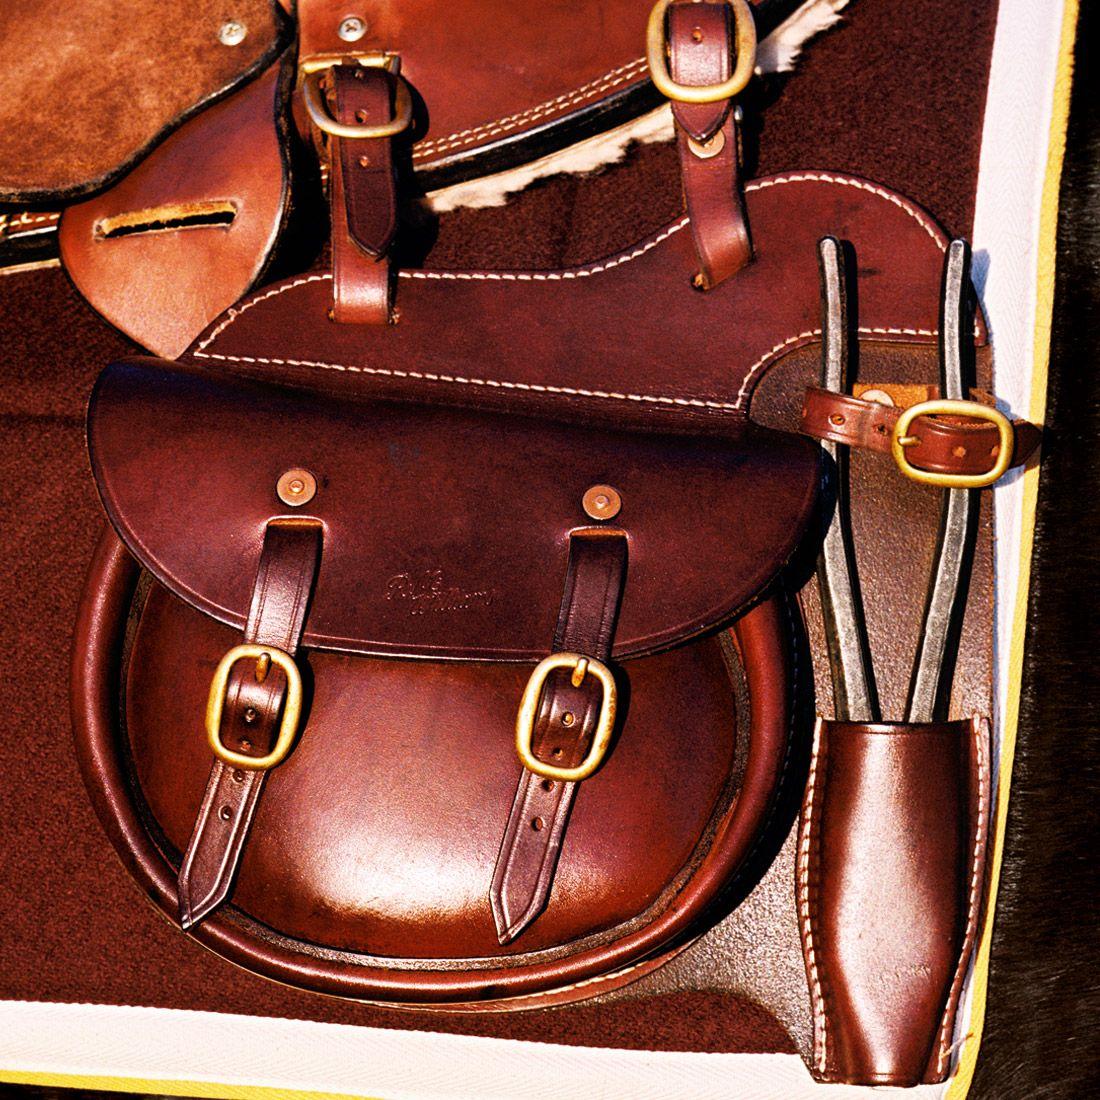 Working Saddle Bag